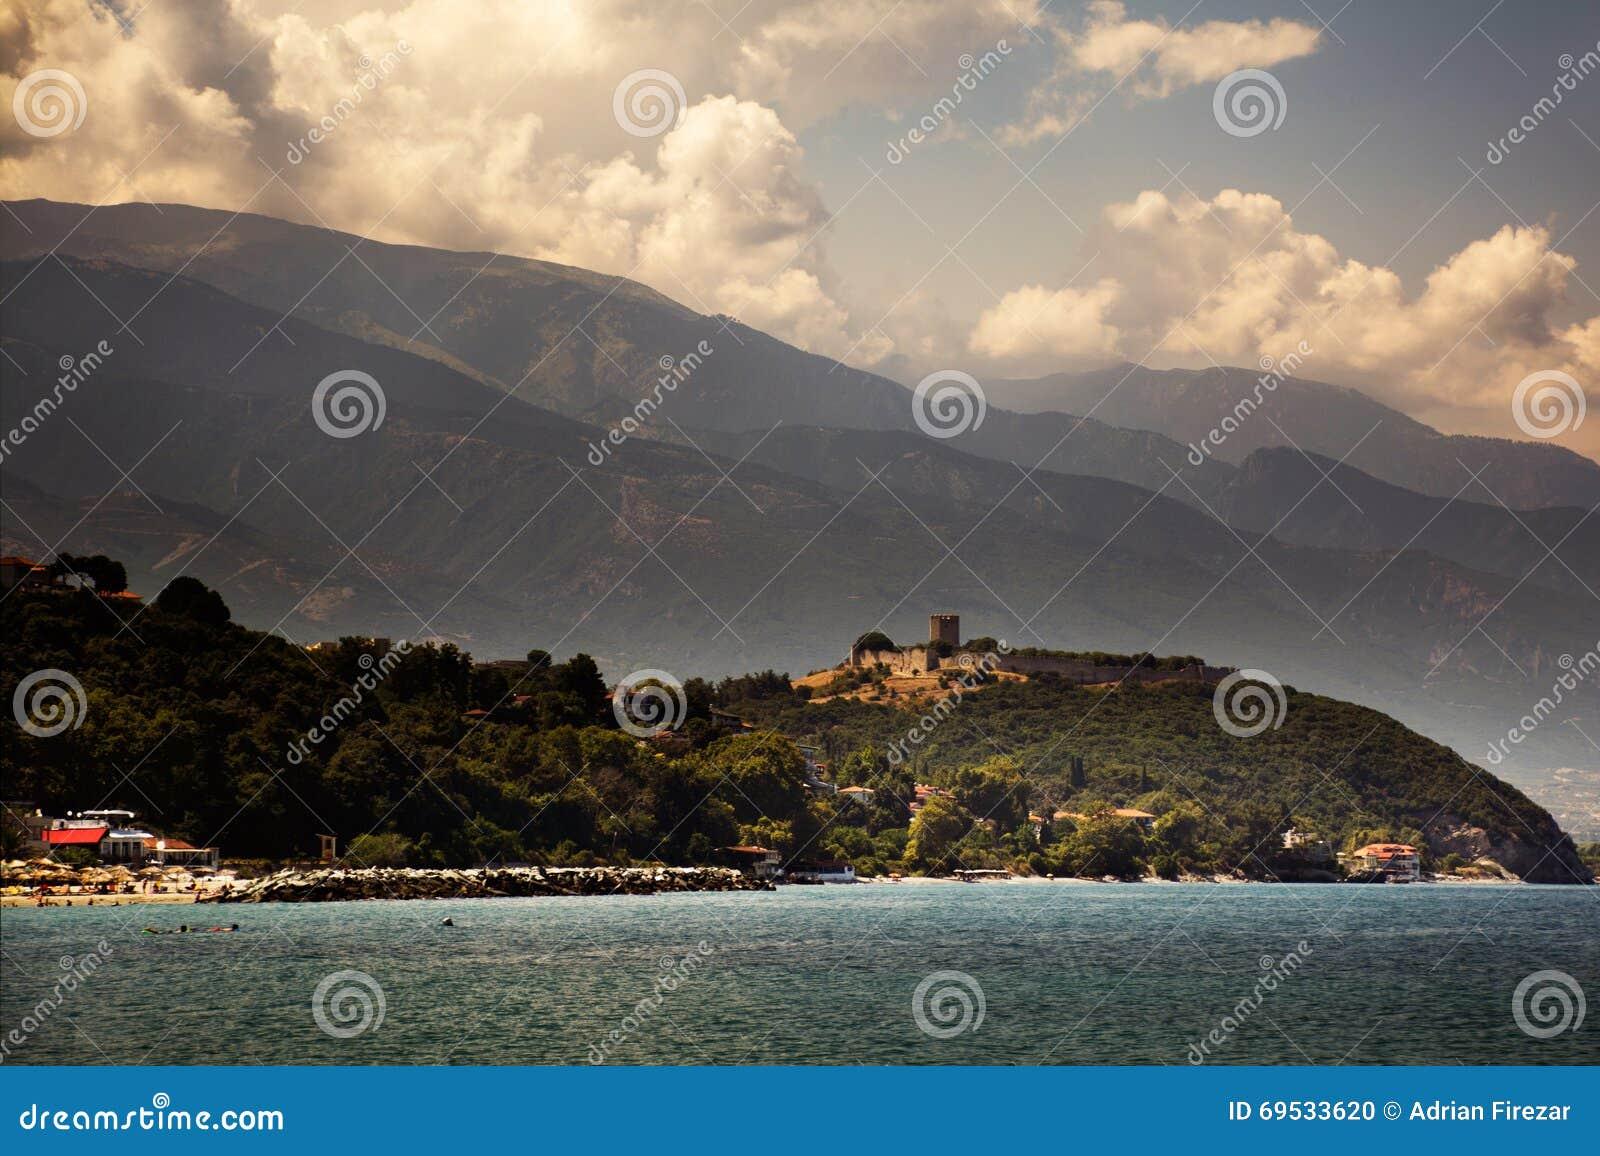 Ελλάδα, μεσαιωνικό φρούριο Platamonas, τον Αύγουστο του 2015